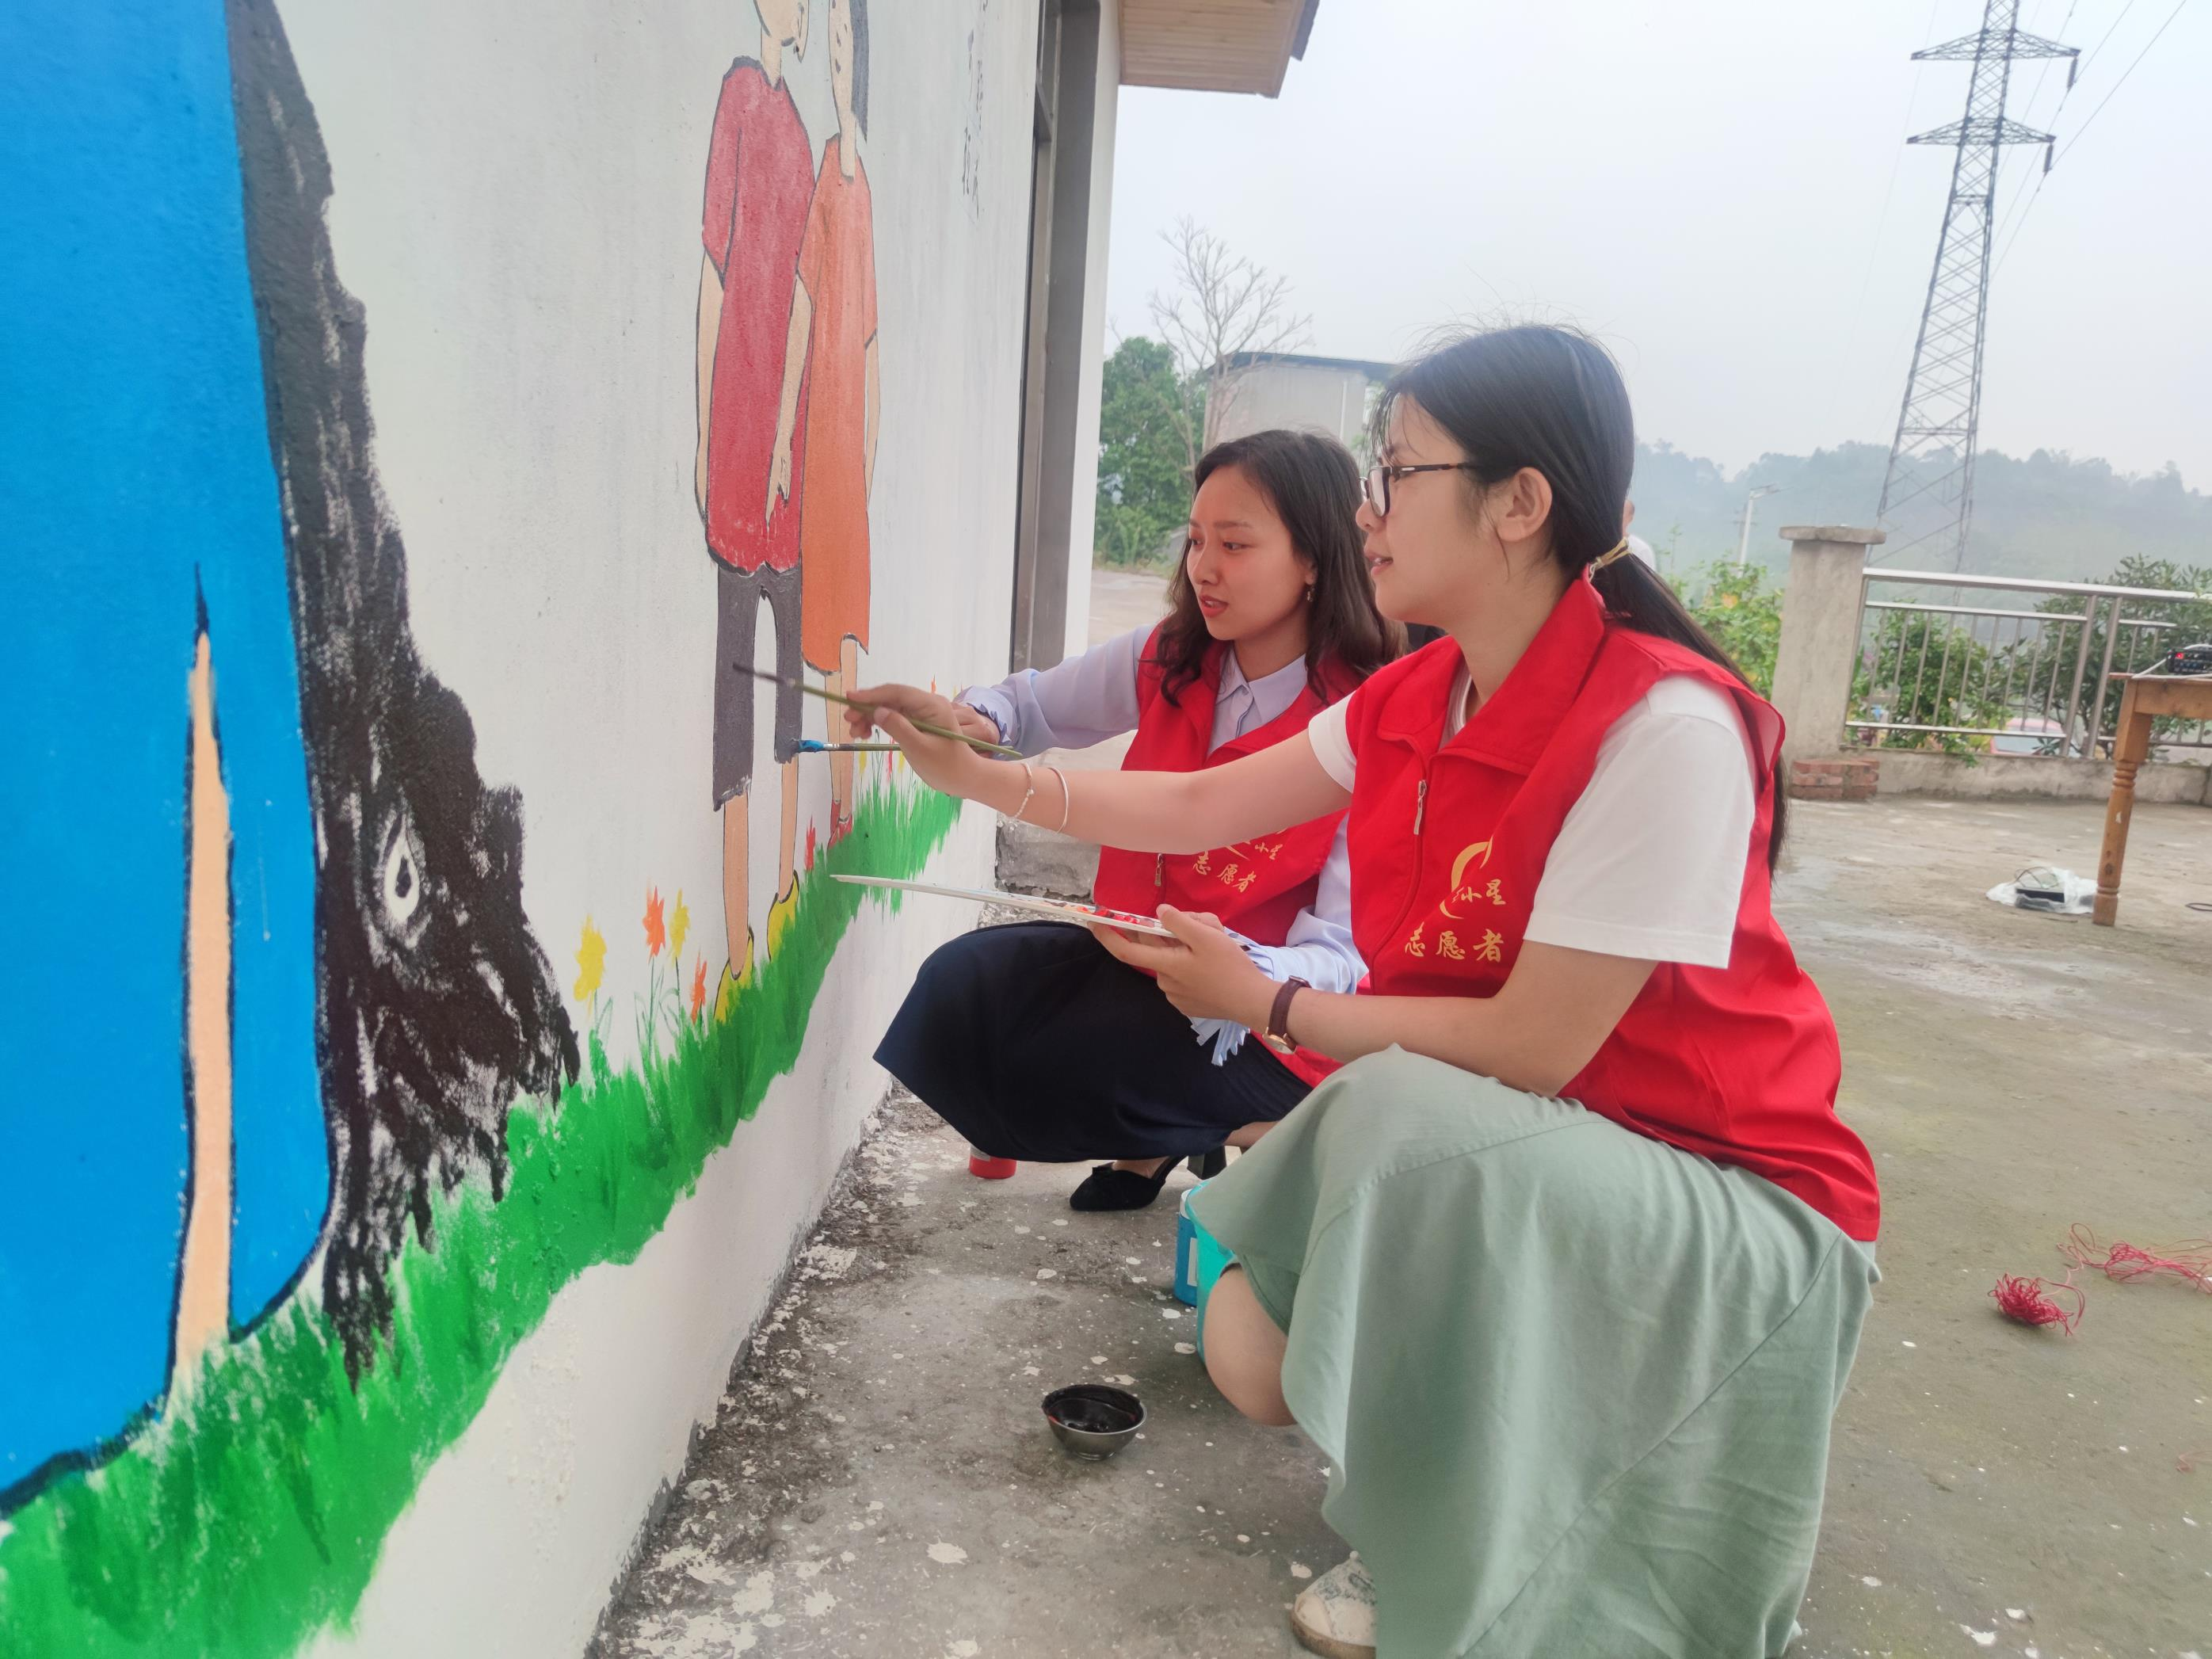 用 志愿者为小院彩绘.jpg